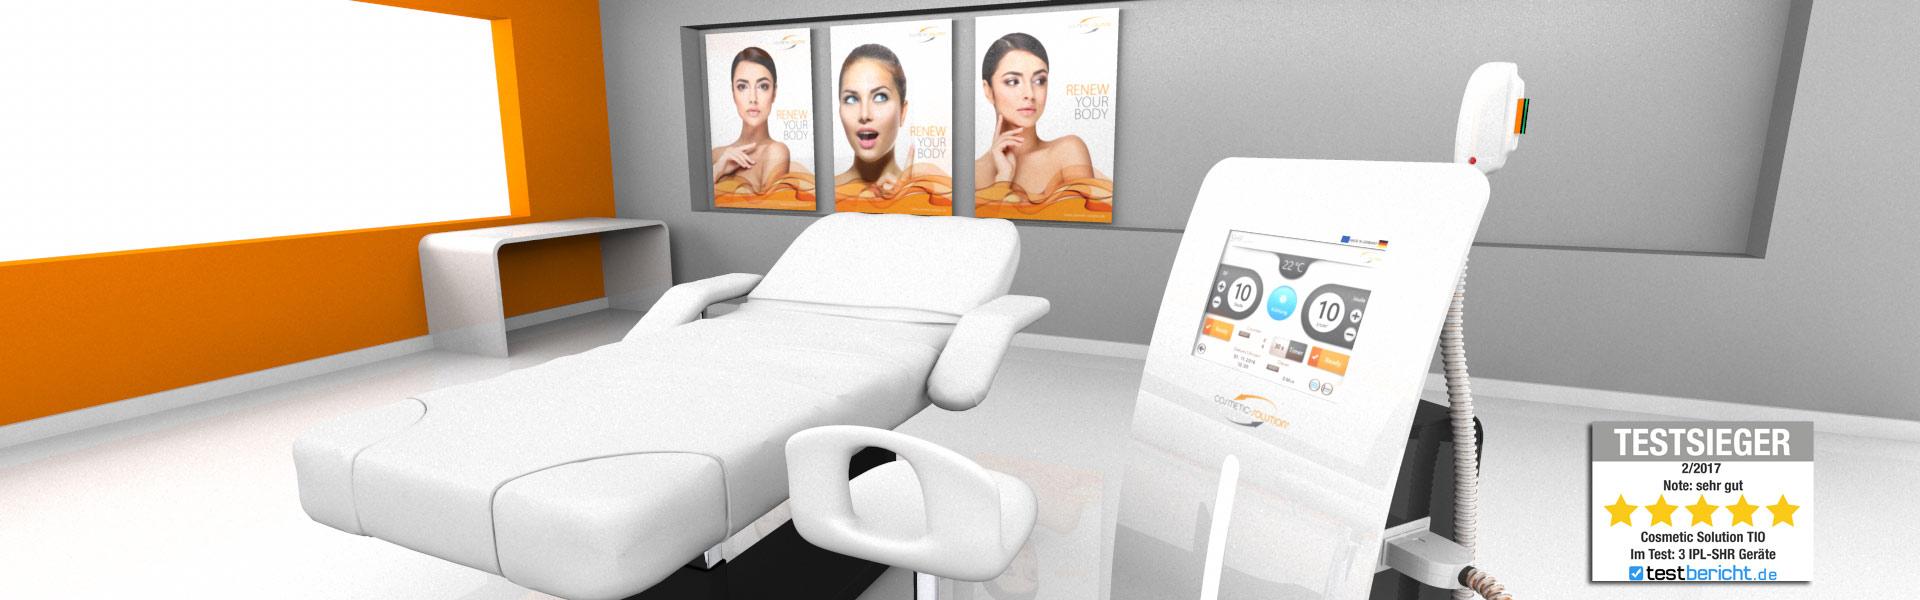 Tio Plus SHR-IPL Gerät für dauerhafte Haarentferung im Kosmetikstudio